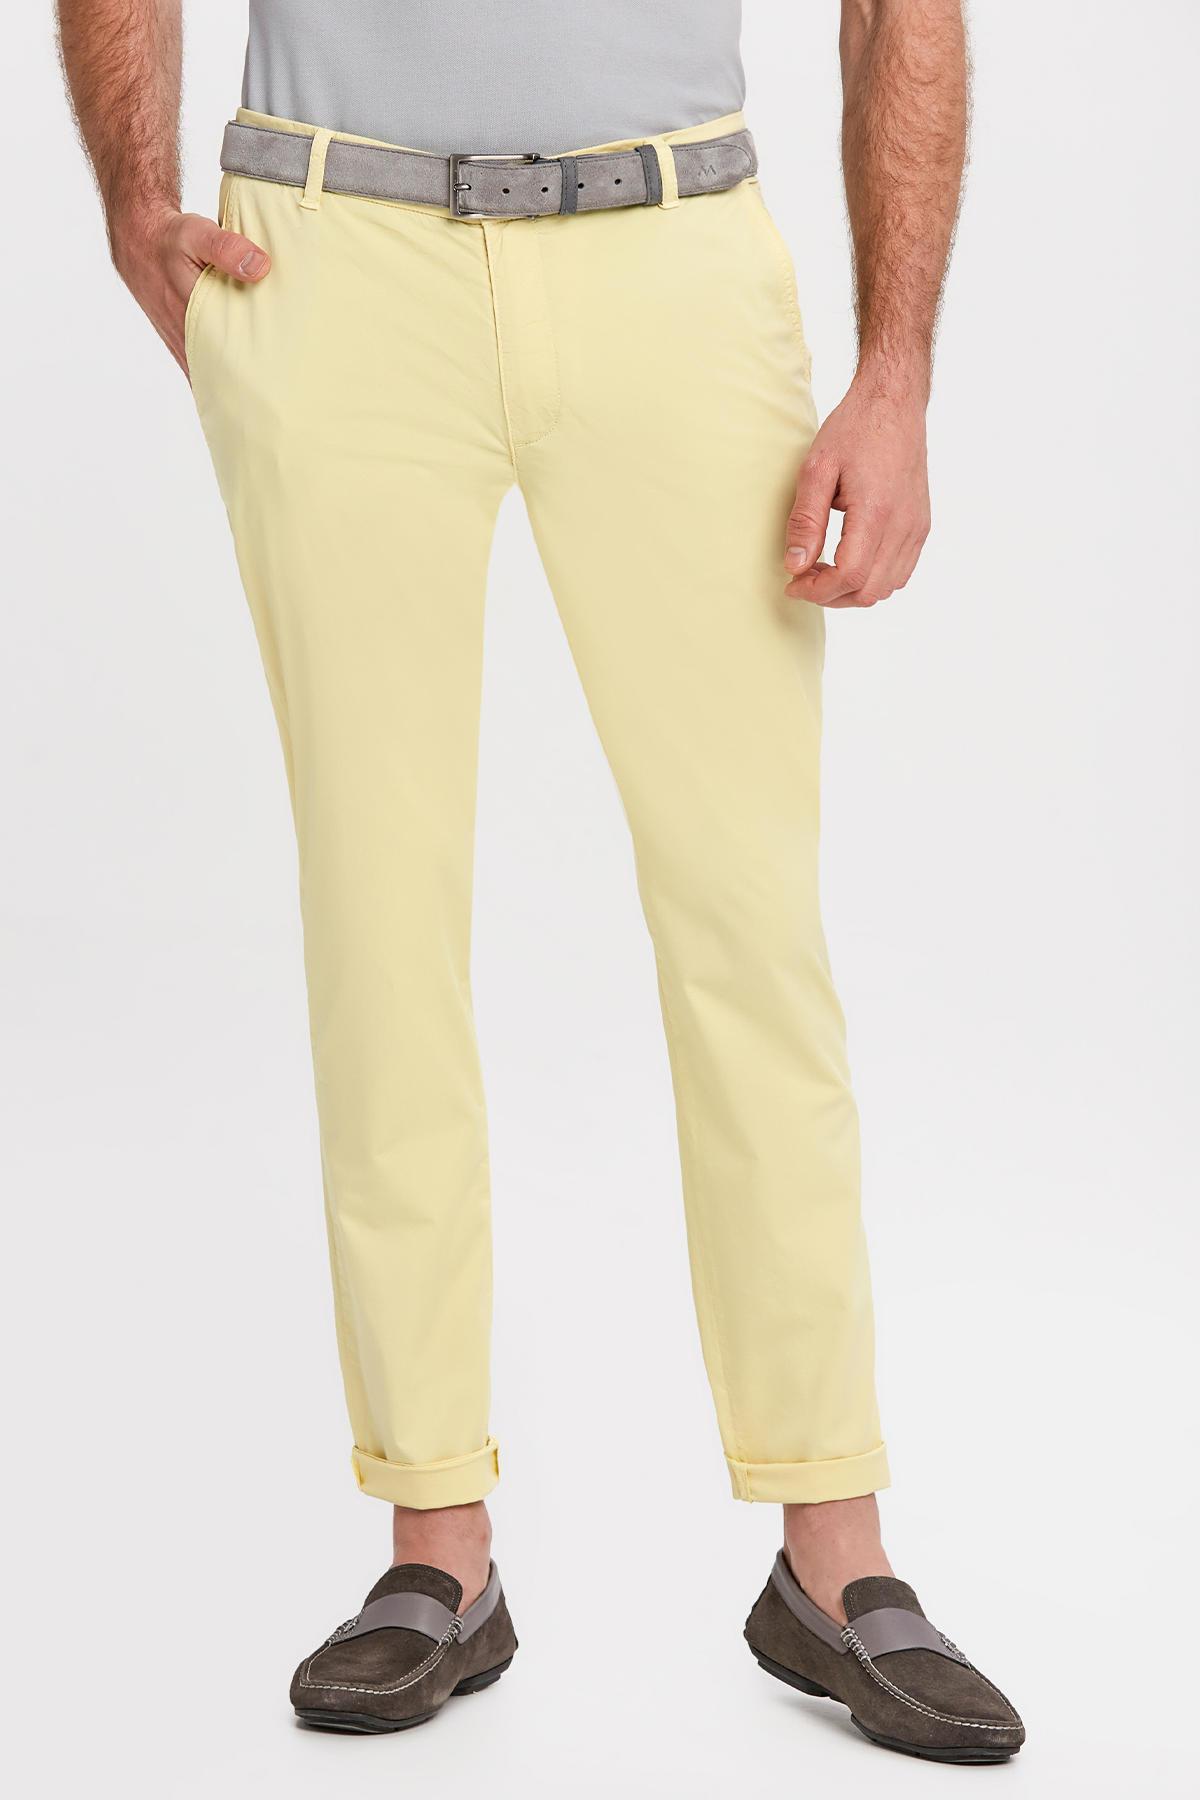 Açık Sarı Pamuk Yazlık Chino Pantolon